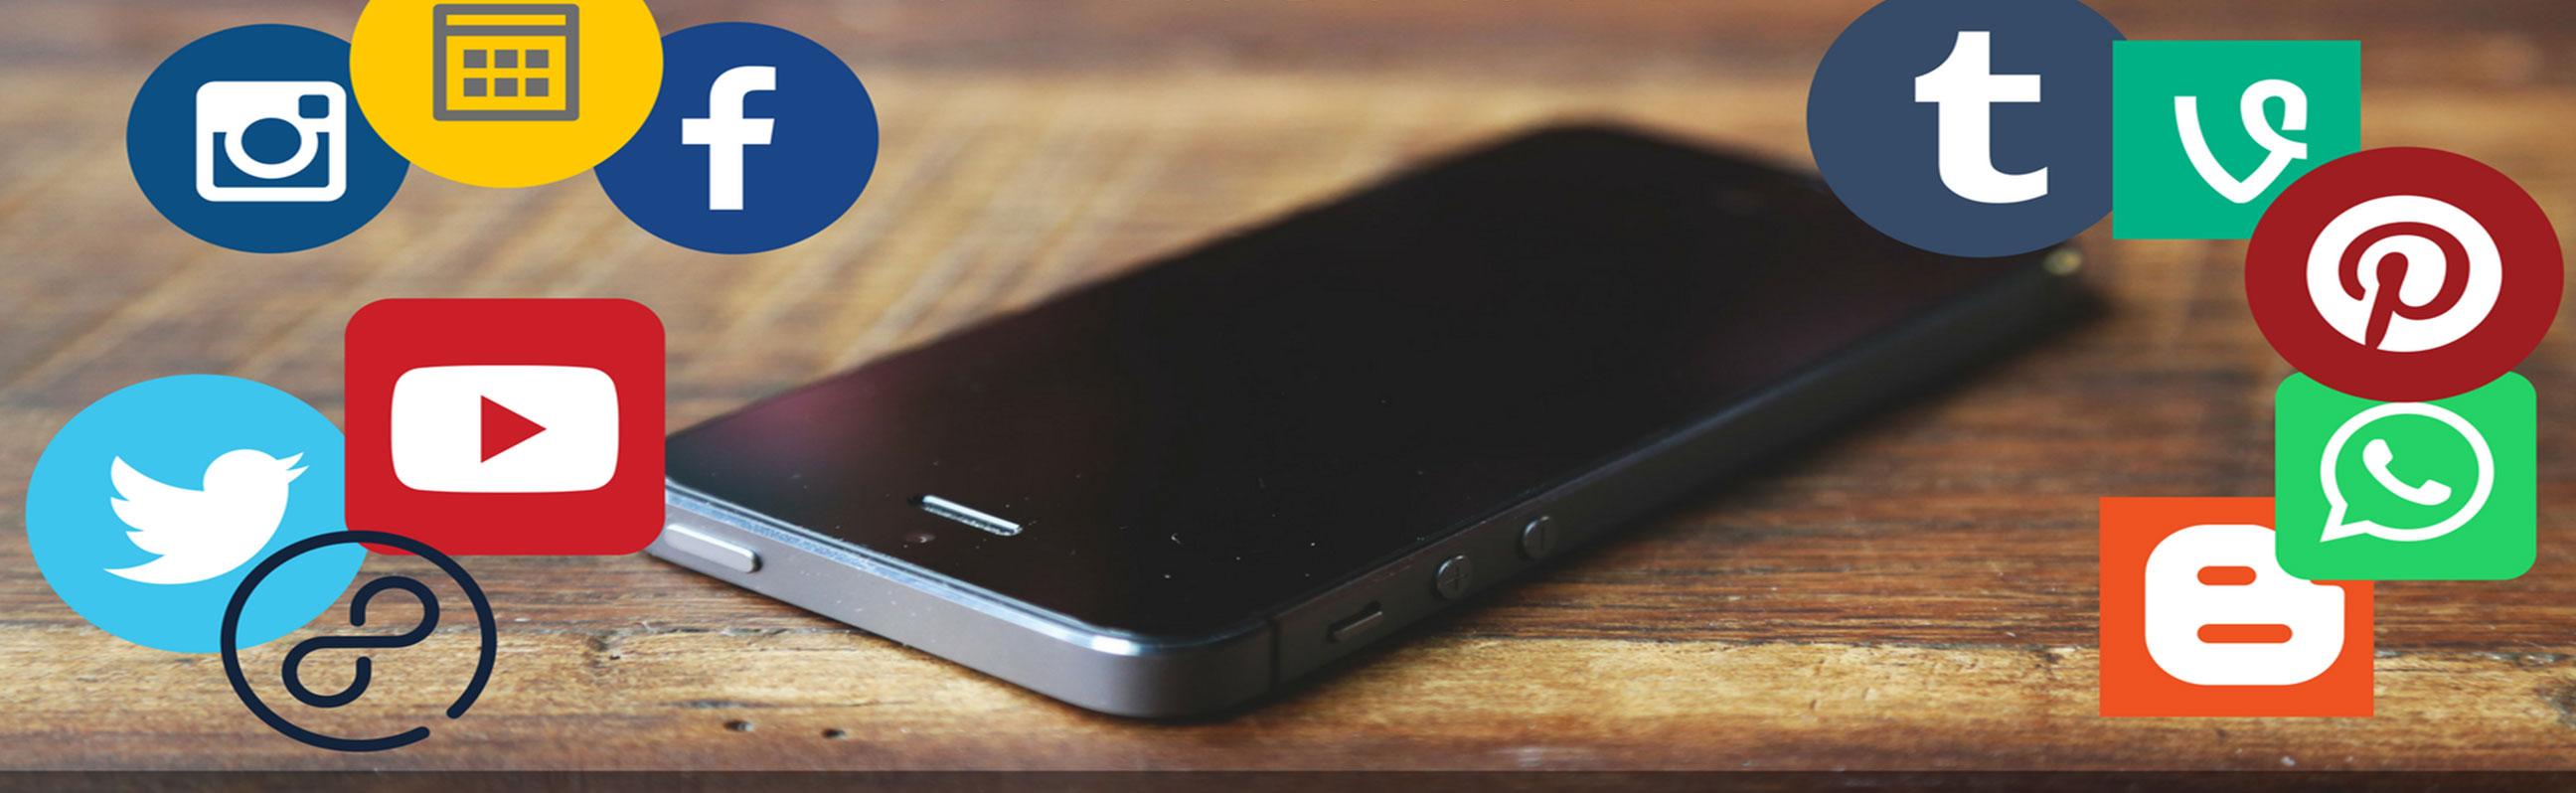 The Best Mobile Apps for Startups & Entrepreneurs